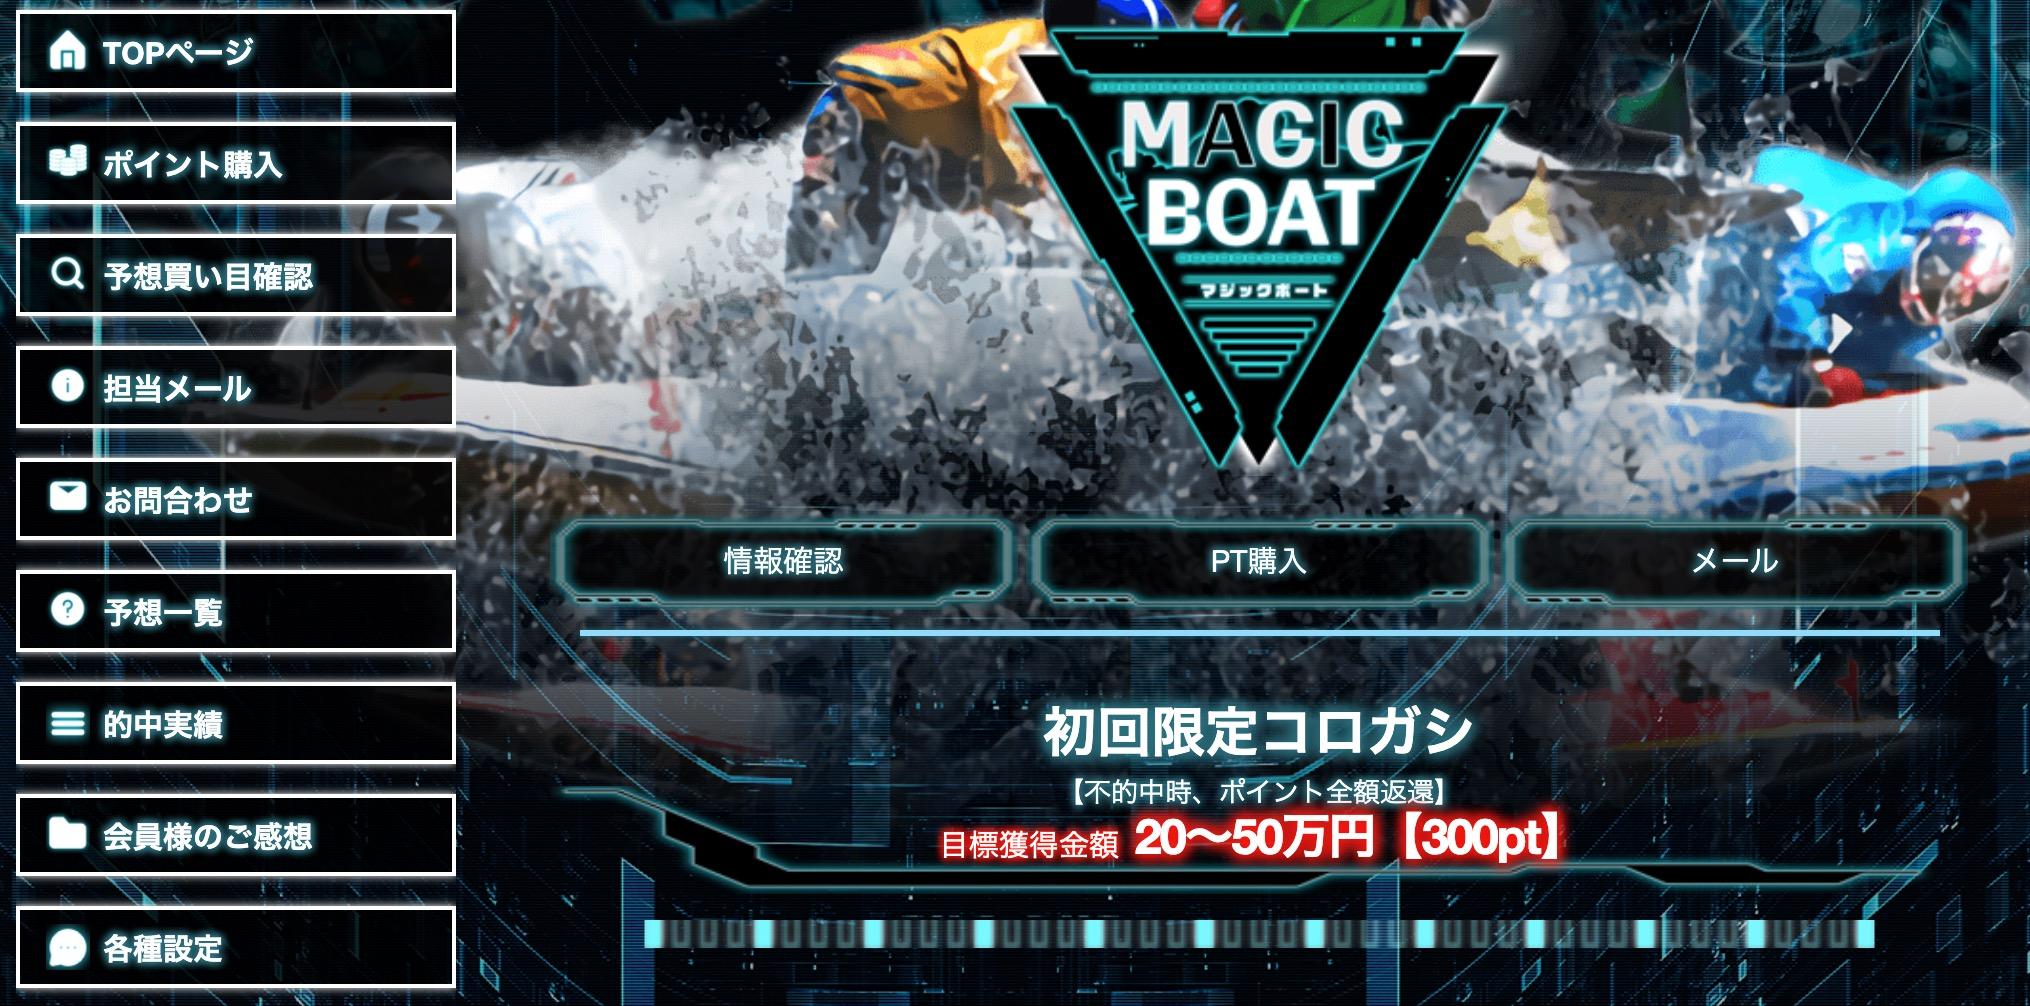 MAGICBOAT(マジックボート)11